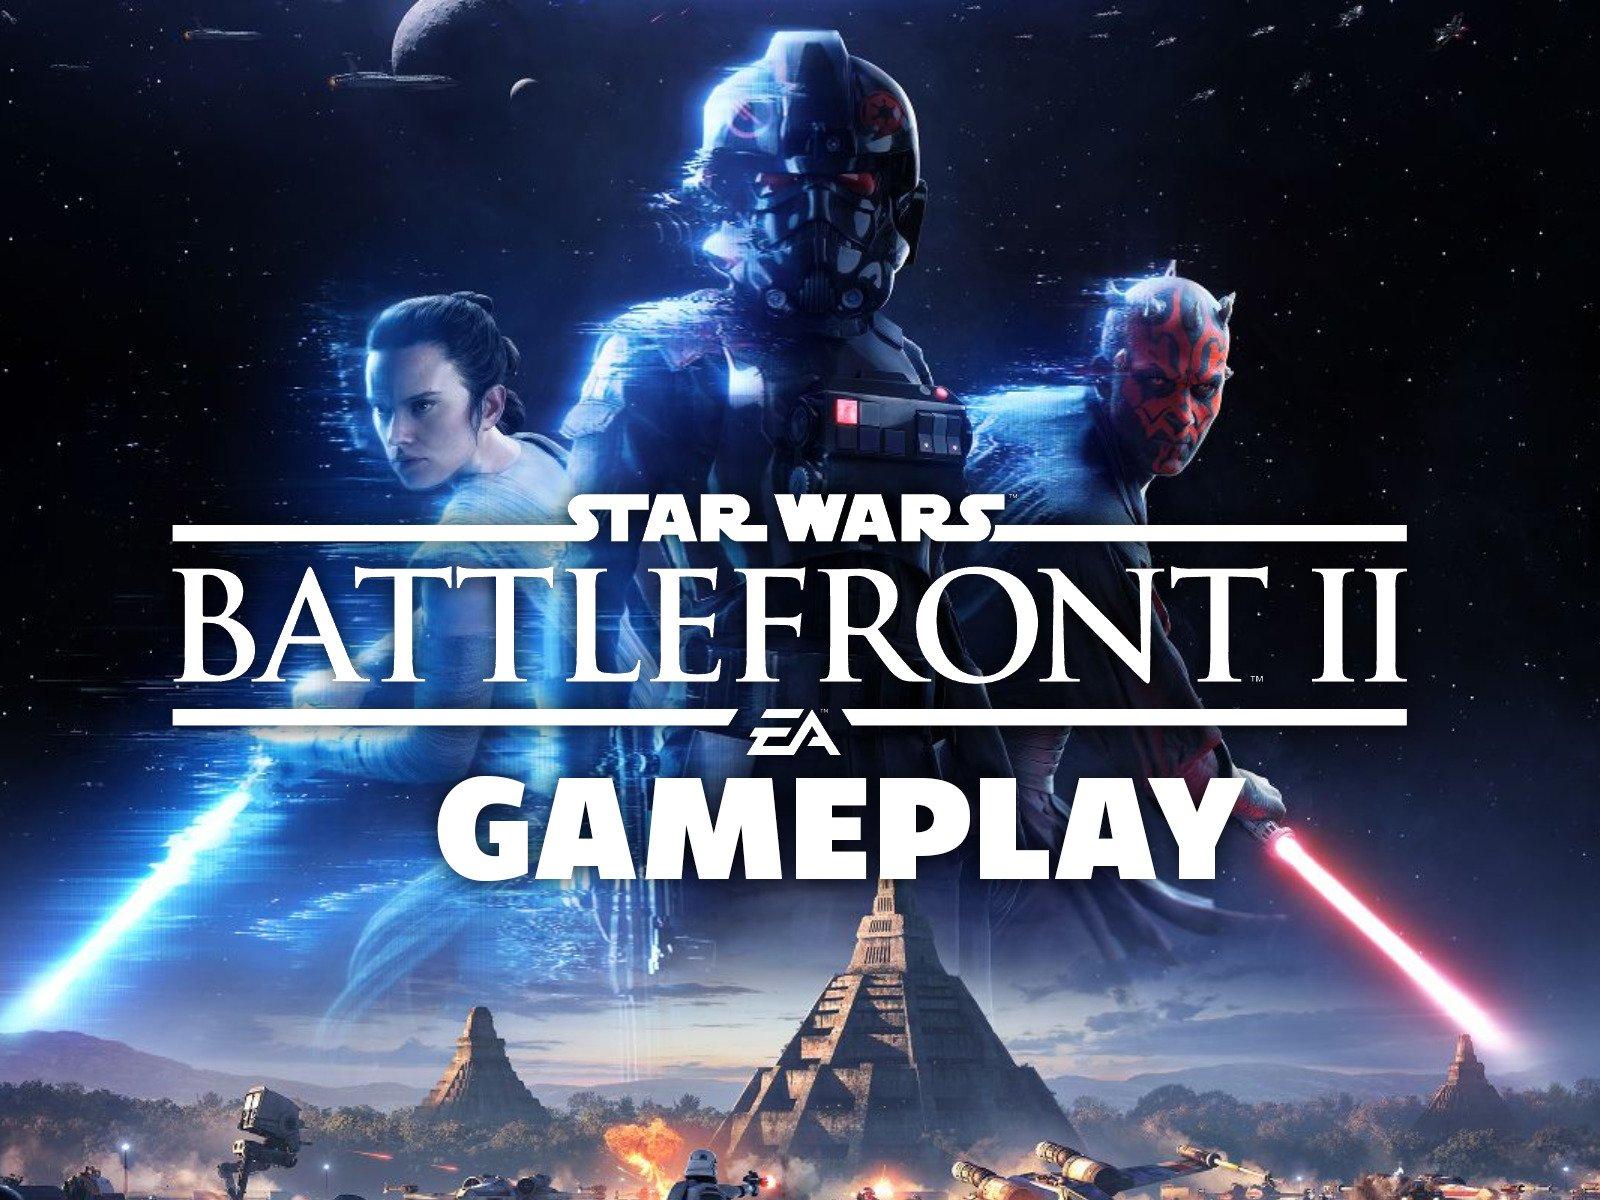 Clip: Star Wars Battlefront 2 Gameplay - Season 1